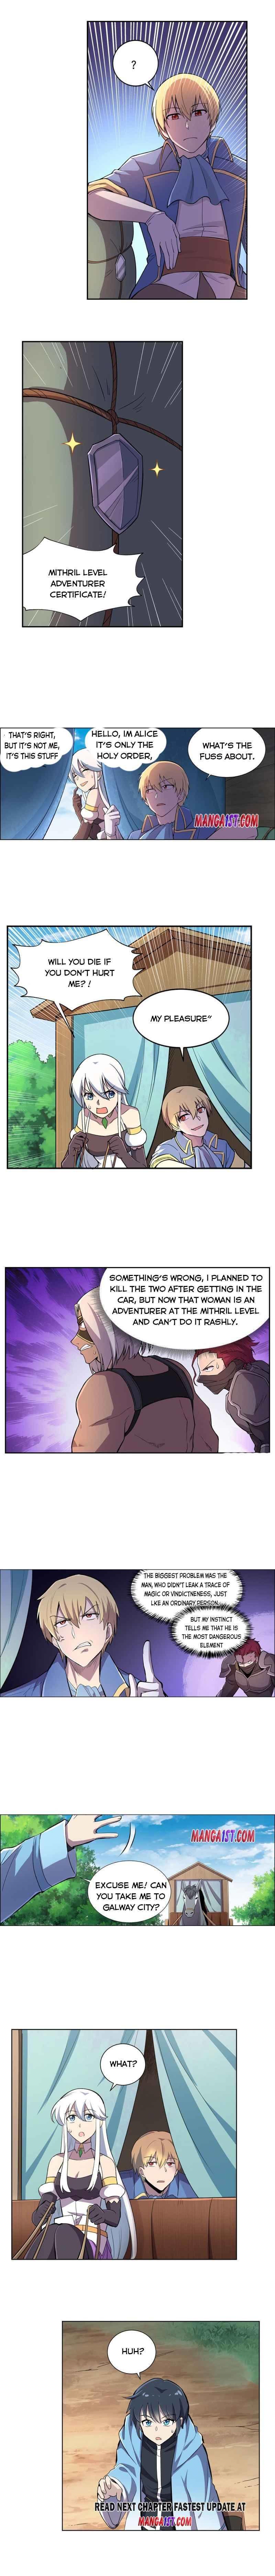 The Demon King Who Lost His Job Chapter 194 page 7 - Mangakakalots.com